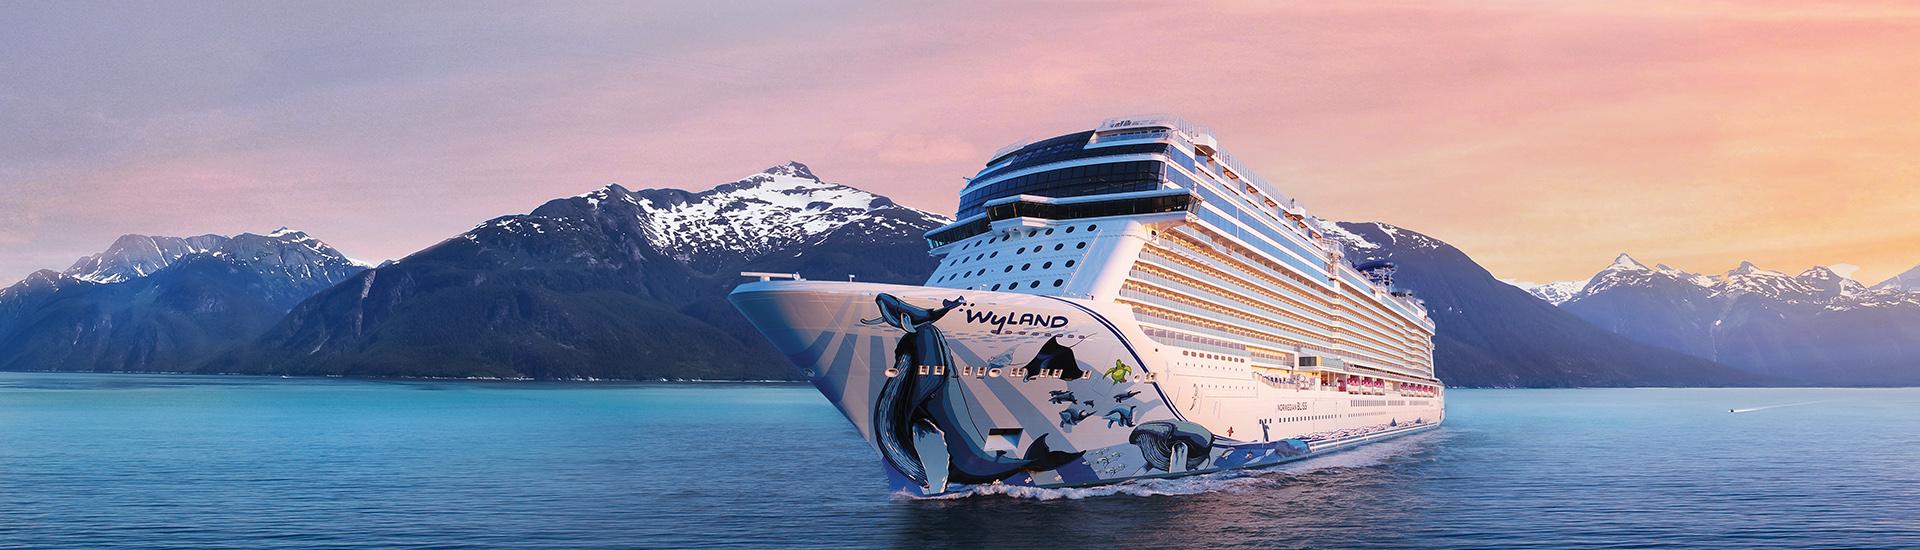 诺唯真邮轮 Norwegian cruises